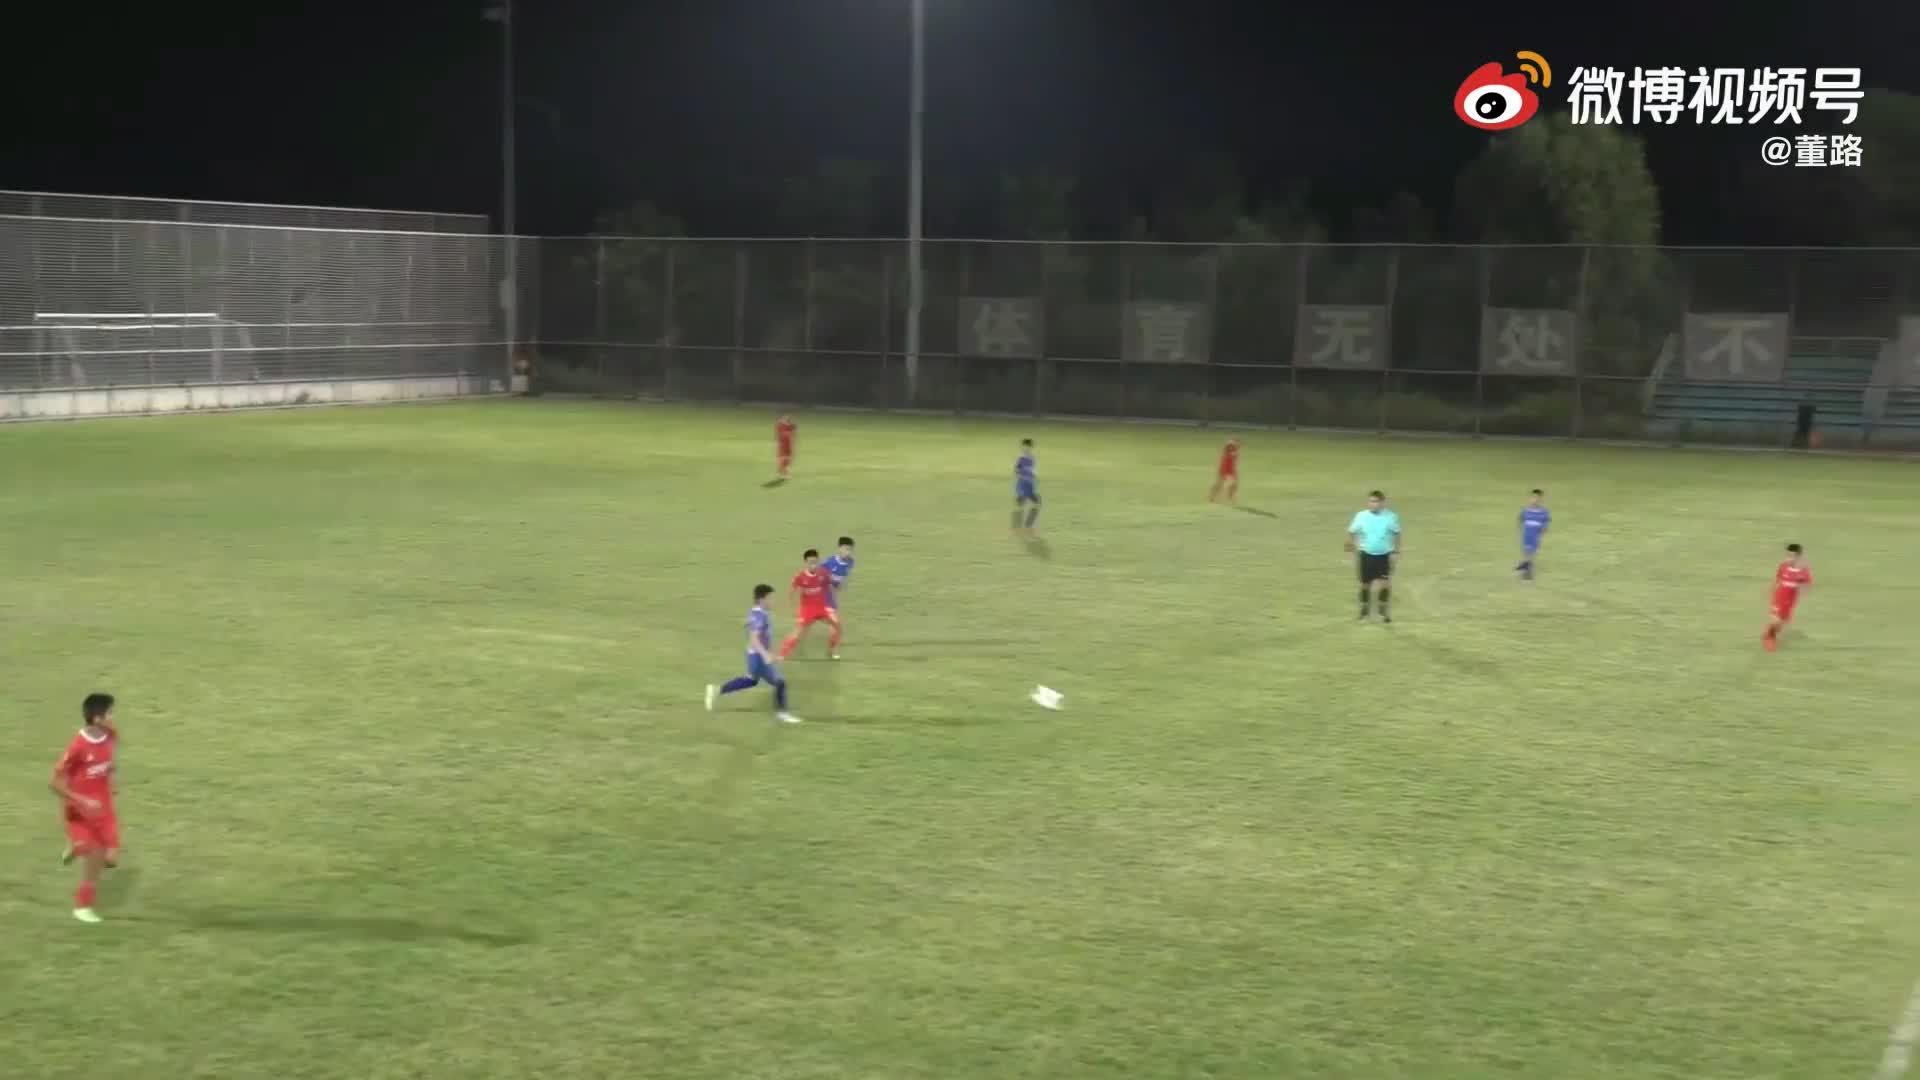 董路的足球小将第一脚停球,哪个最丝滑?